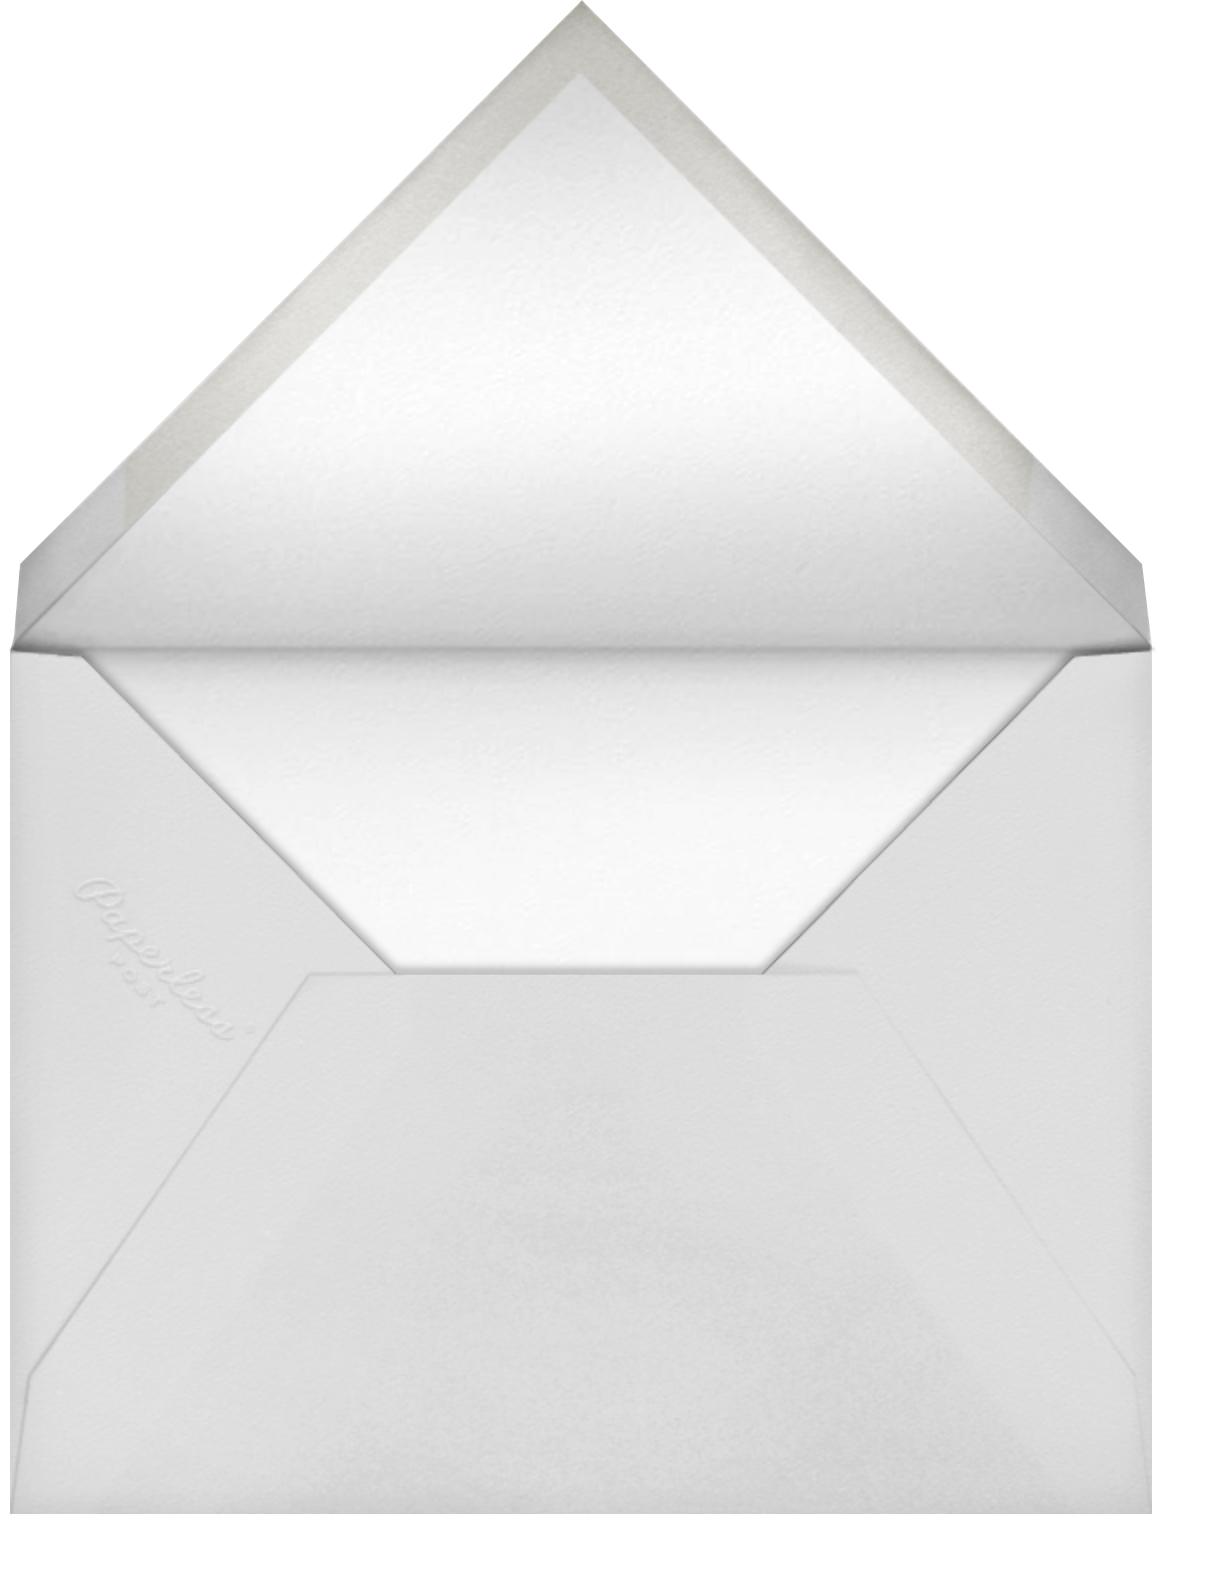 Fleurs d'Alençon - Antwerp - Oscar de la Renta - Adult birthday - envelope back